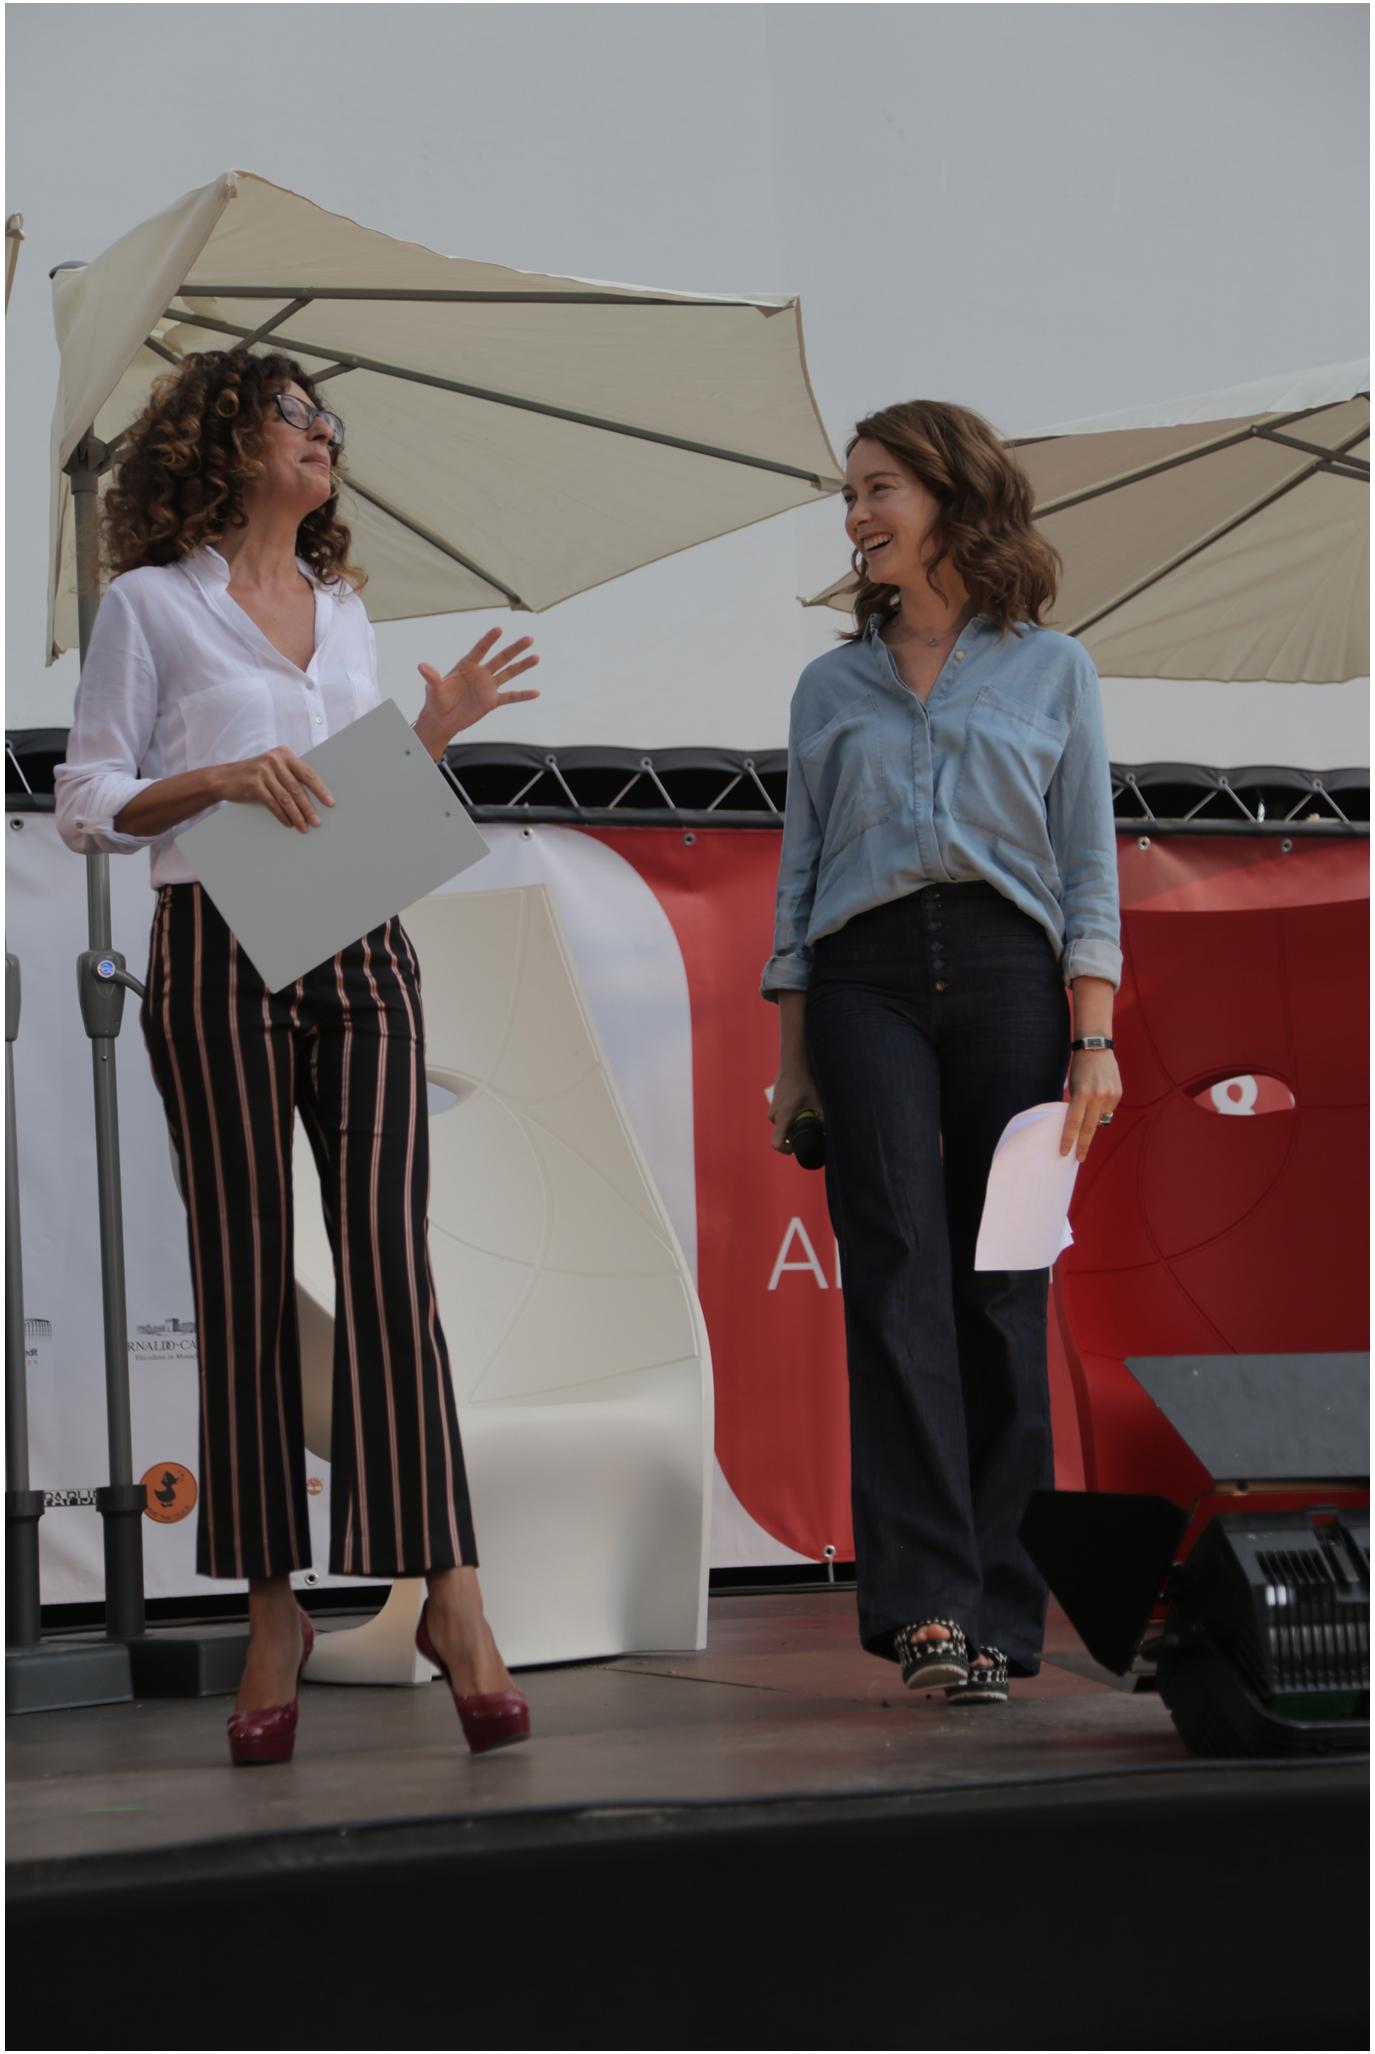 Teresa Mannino e Cristiana Capotondi